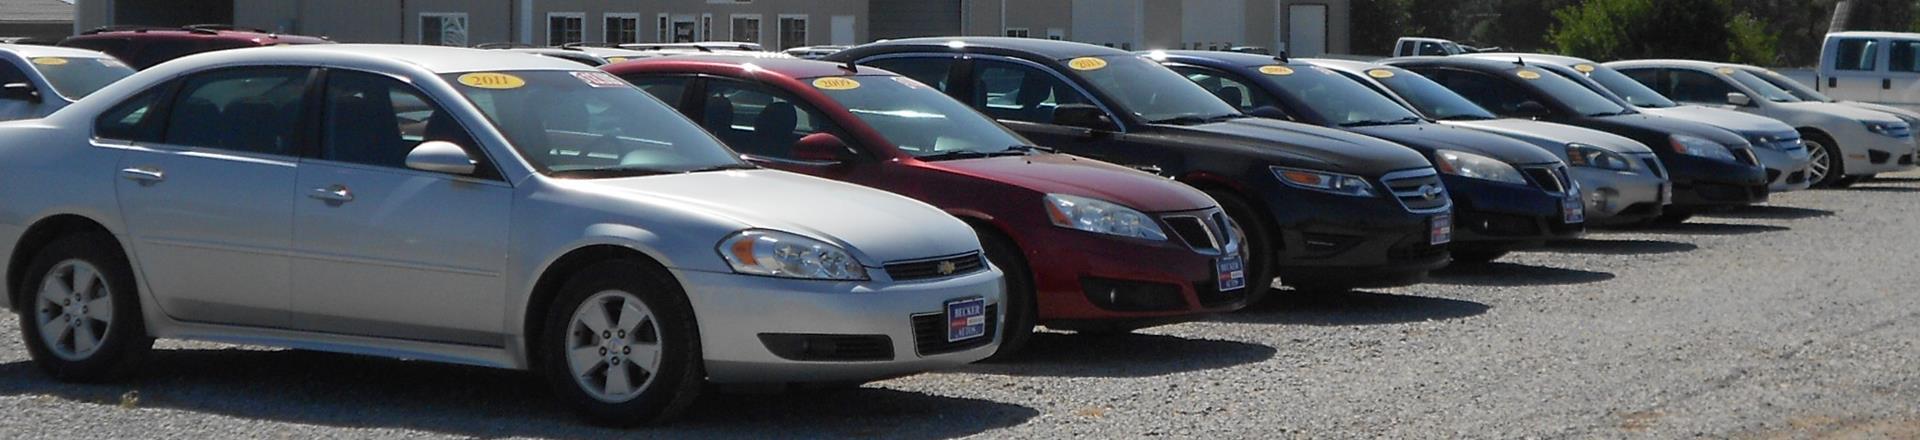 Keystone Kia Used Cars >> Used Cars Beloit KS | Used Cars & Trucks KS | Becker Autos & Trailers